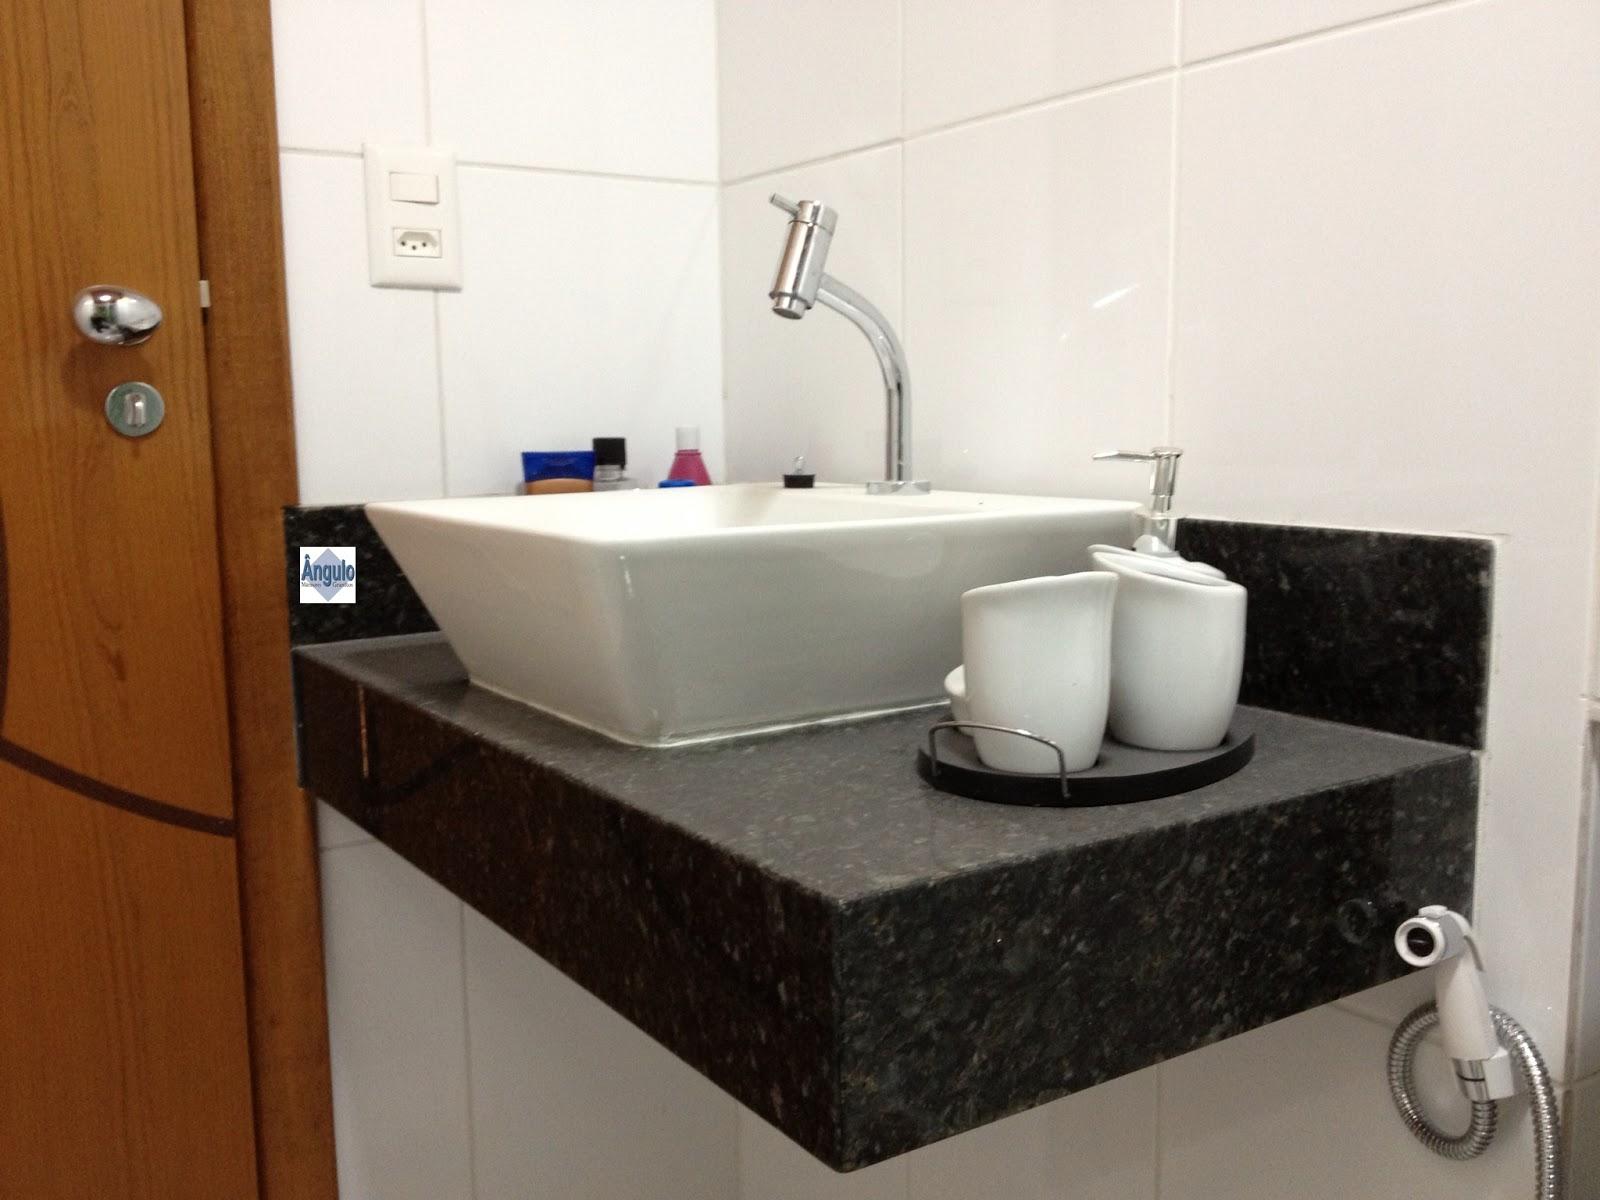 Ângulo Mármores e Granitos: Pia Verde Ubatuba #13276E 1600x1200 Bancada Banheiro Granito Verde Ubatuba